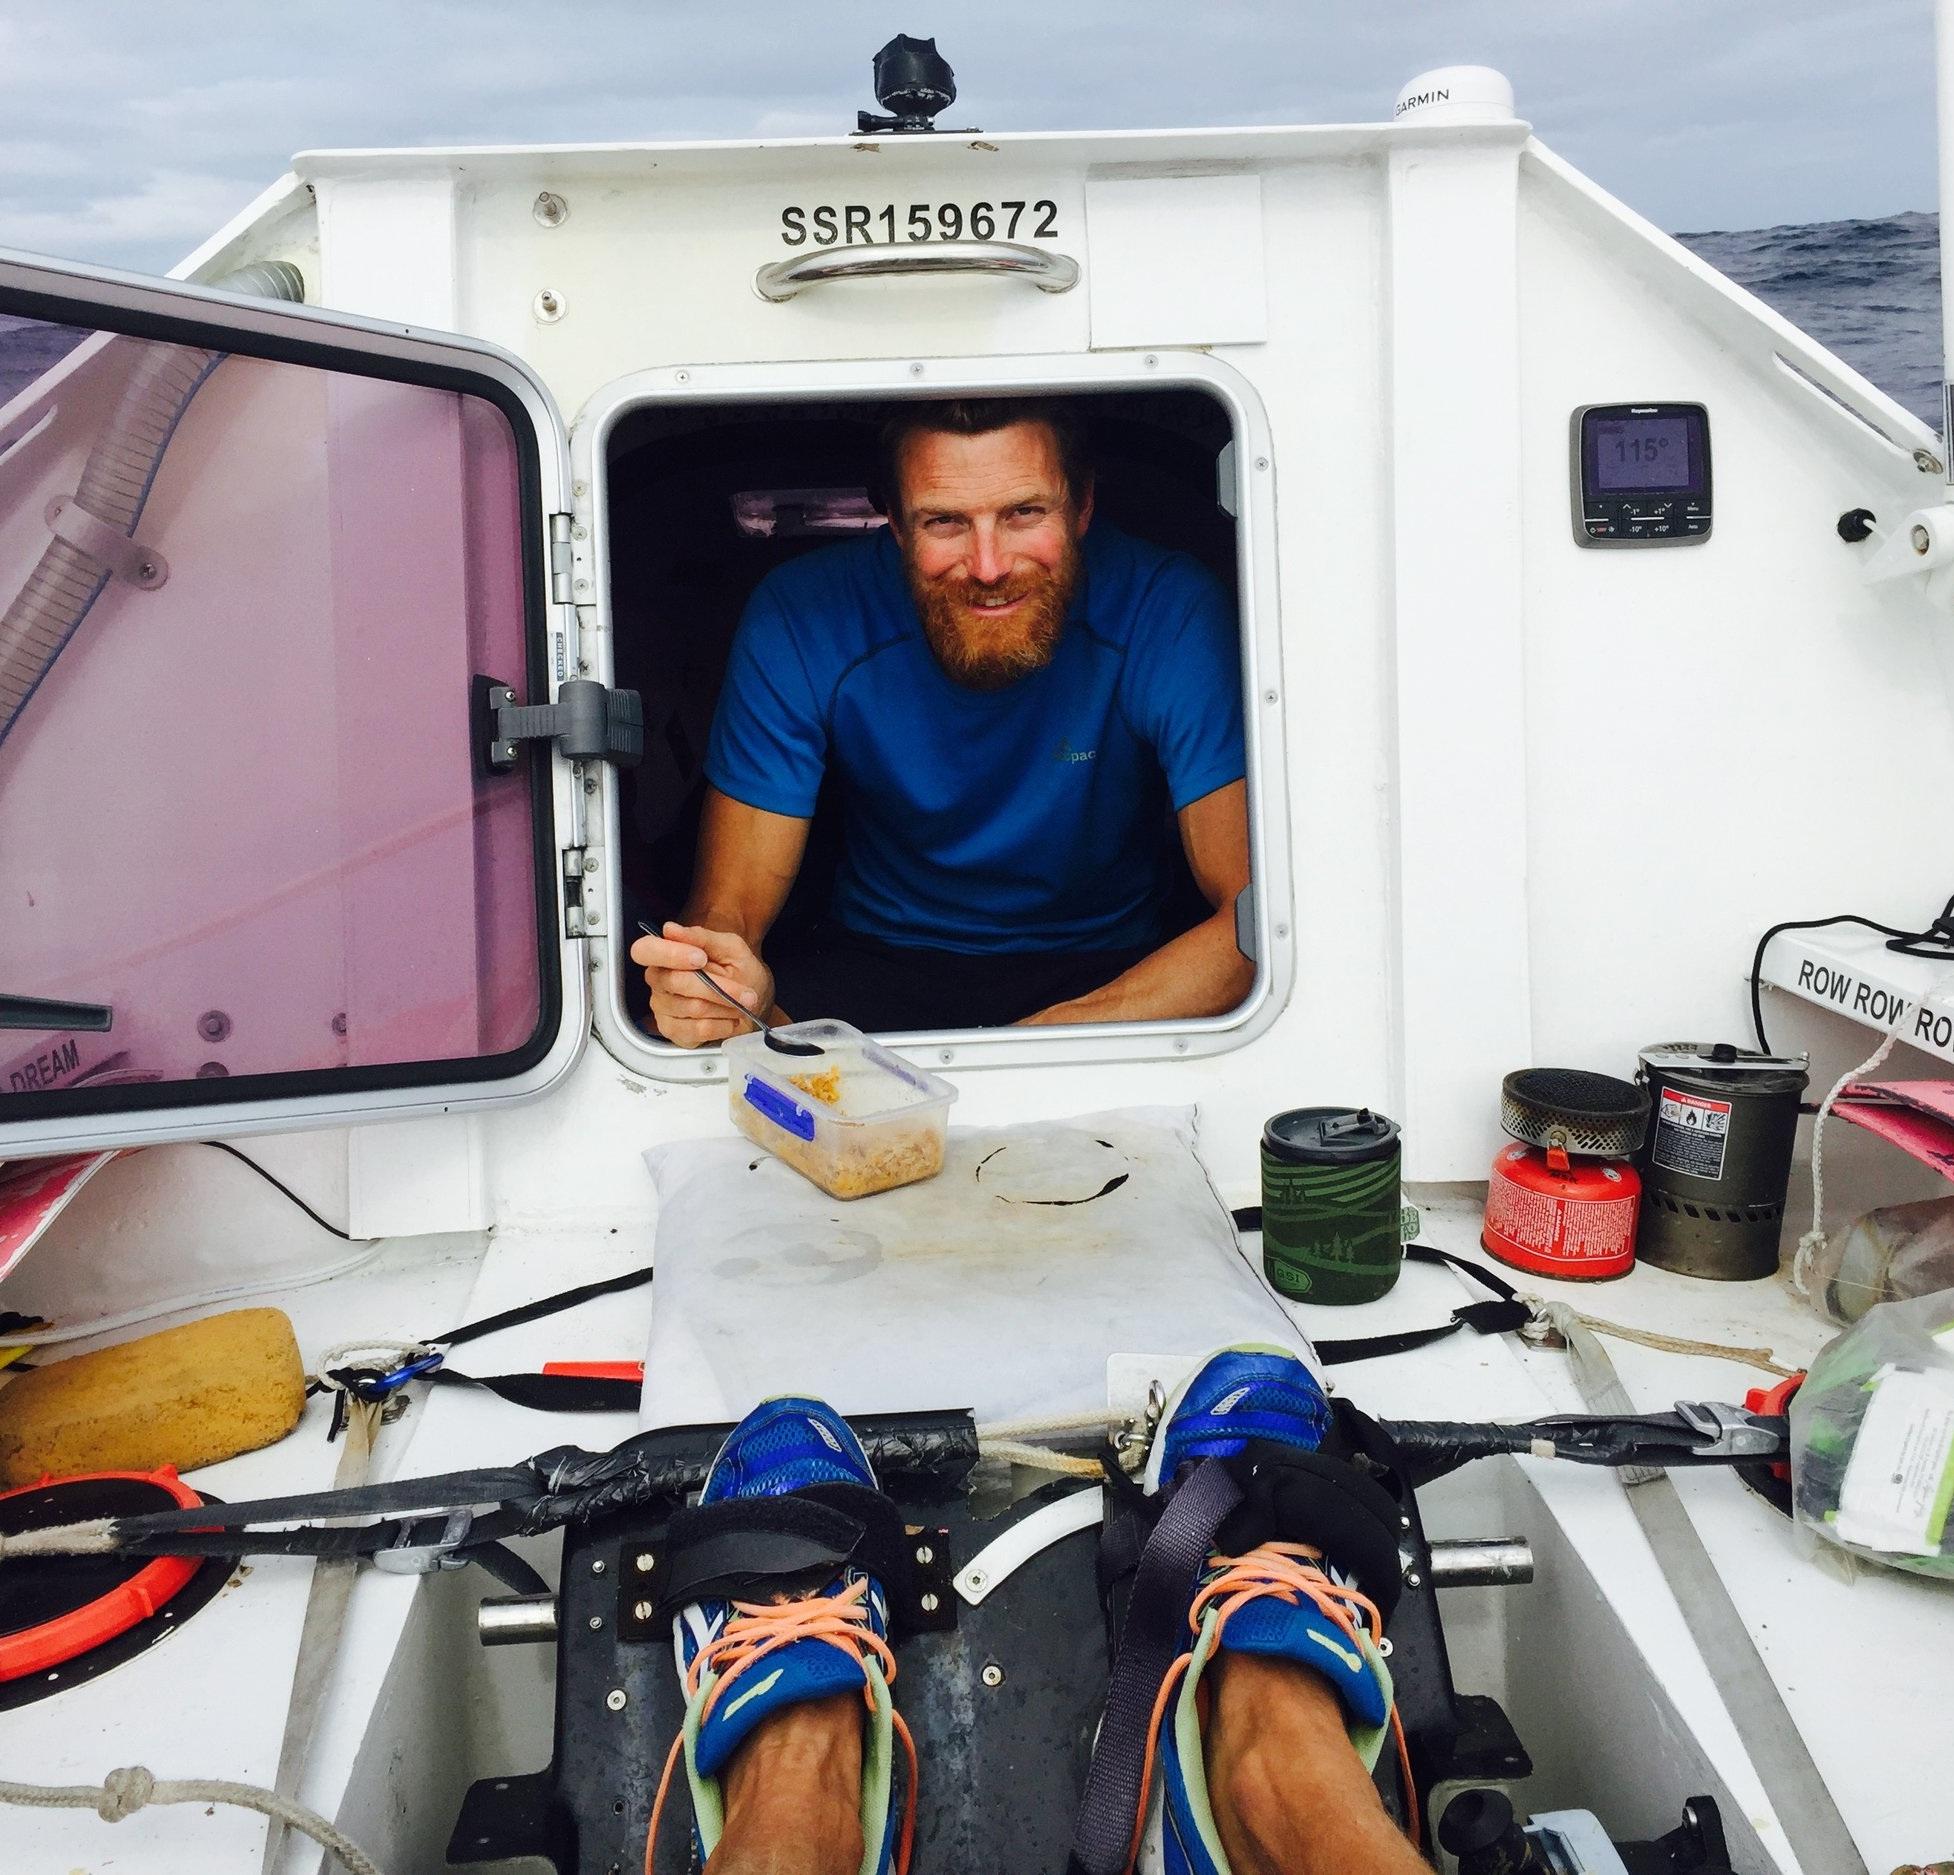 Pete+on+boat.jpg